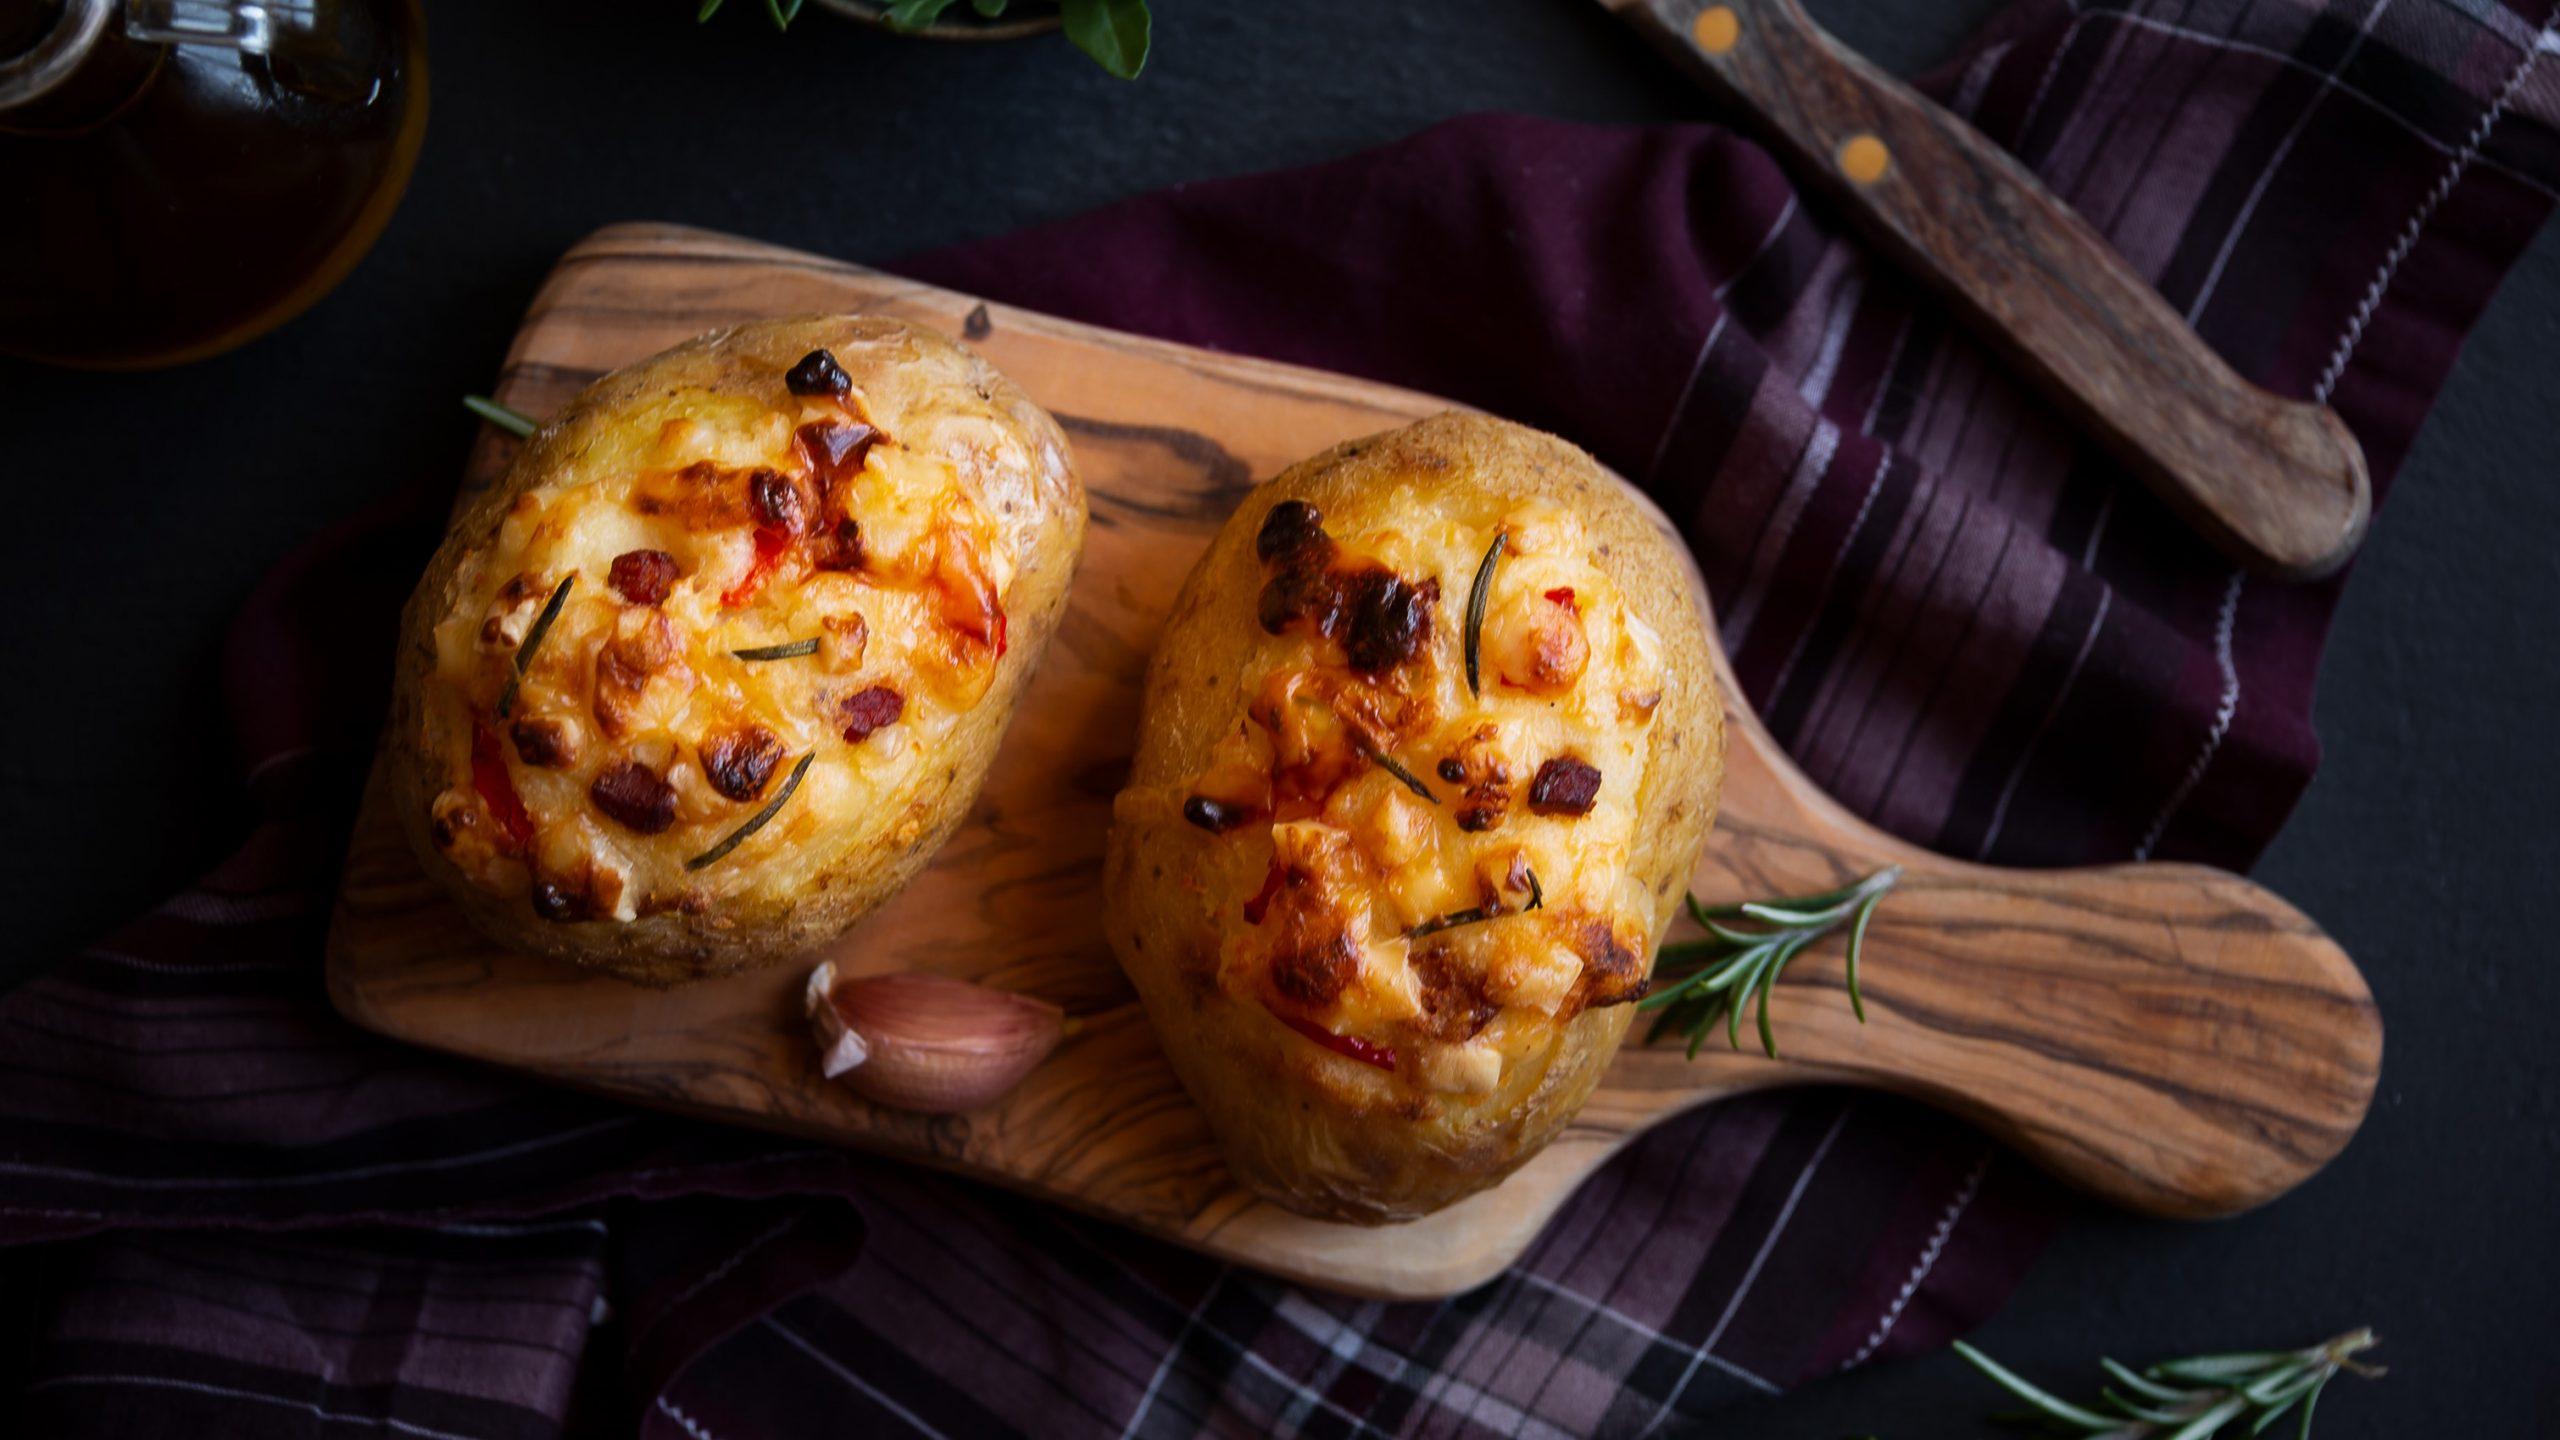 In der Draufsicht sieht man zwei gefüllte Kumpir mit Apfel, Paprika und viel Käse, die auf einem Küchenbrett liegen. Dunkler Untergrund mit einem Geschirrtuch.